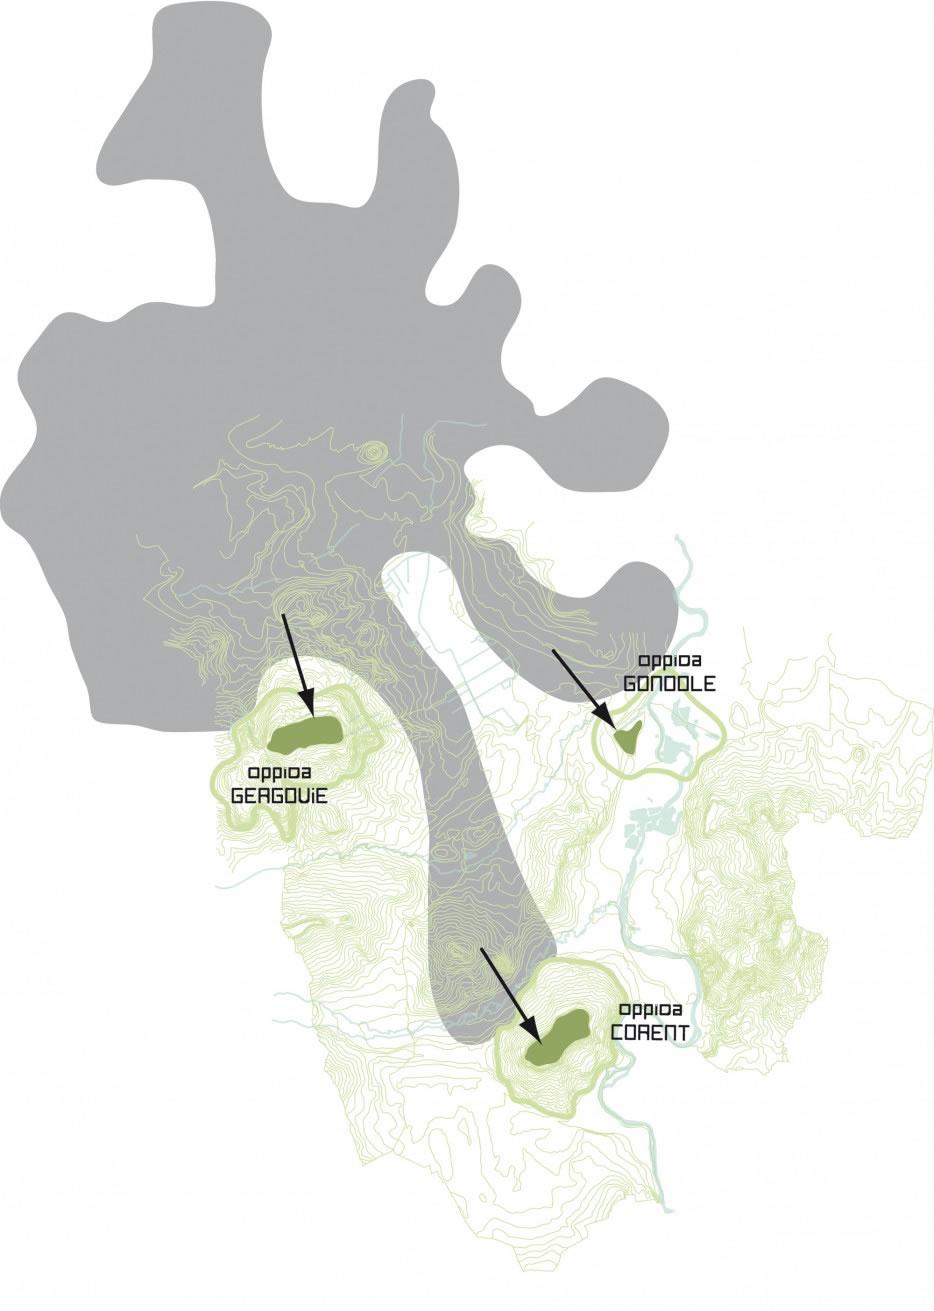 évolution la dynamique urbaine